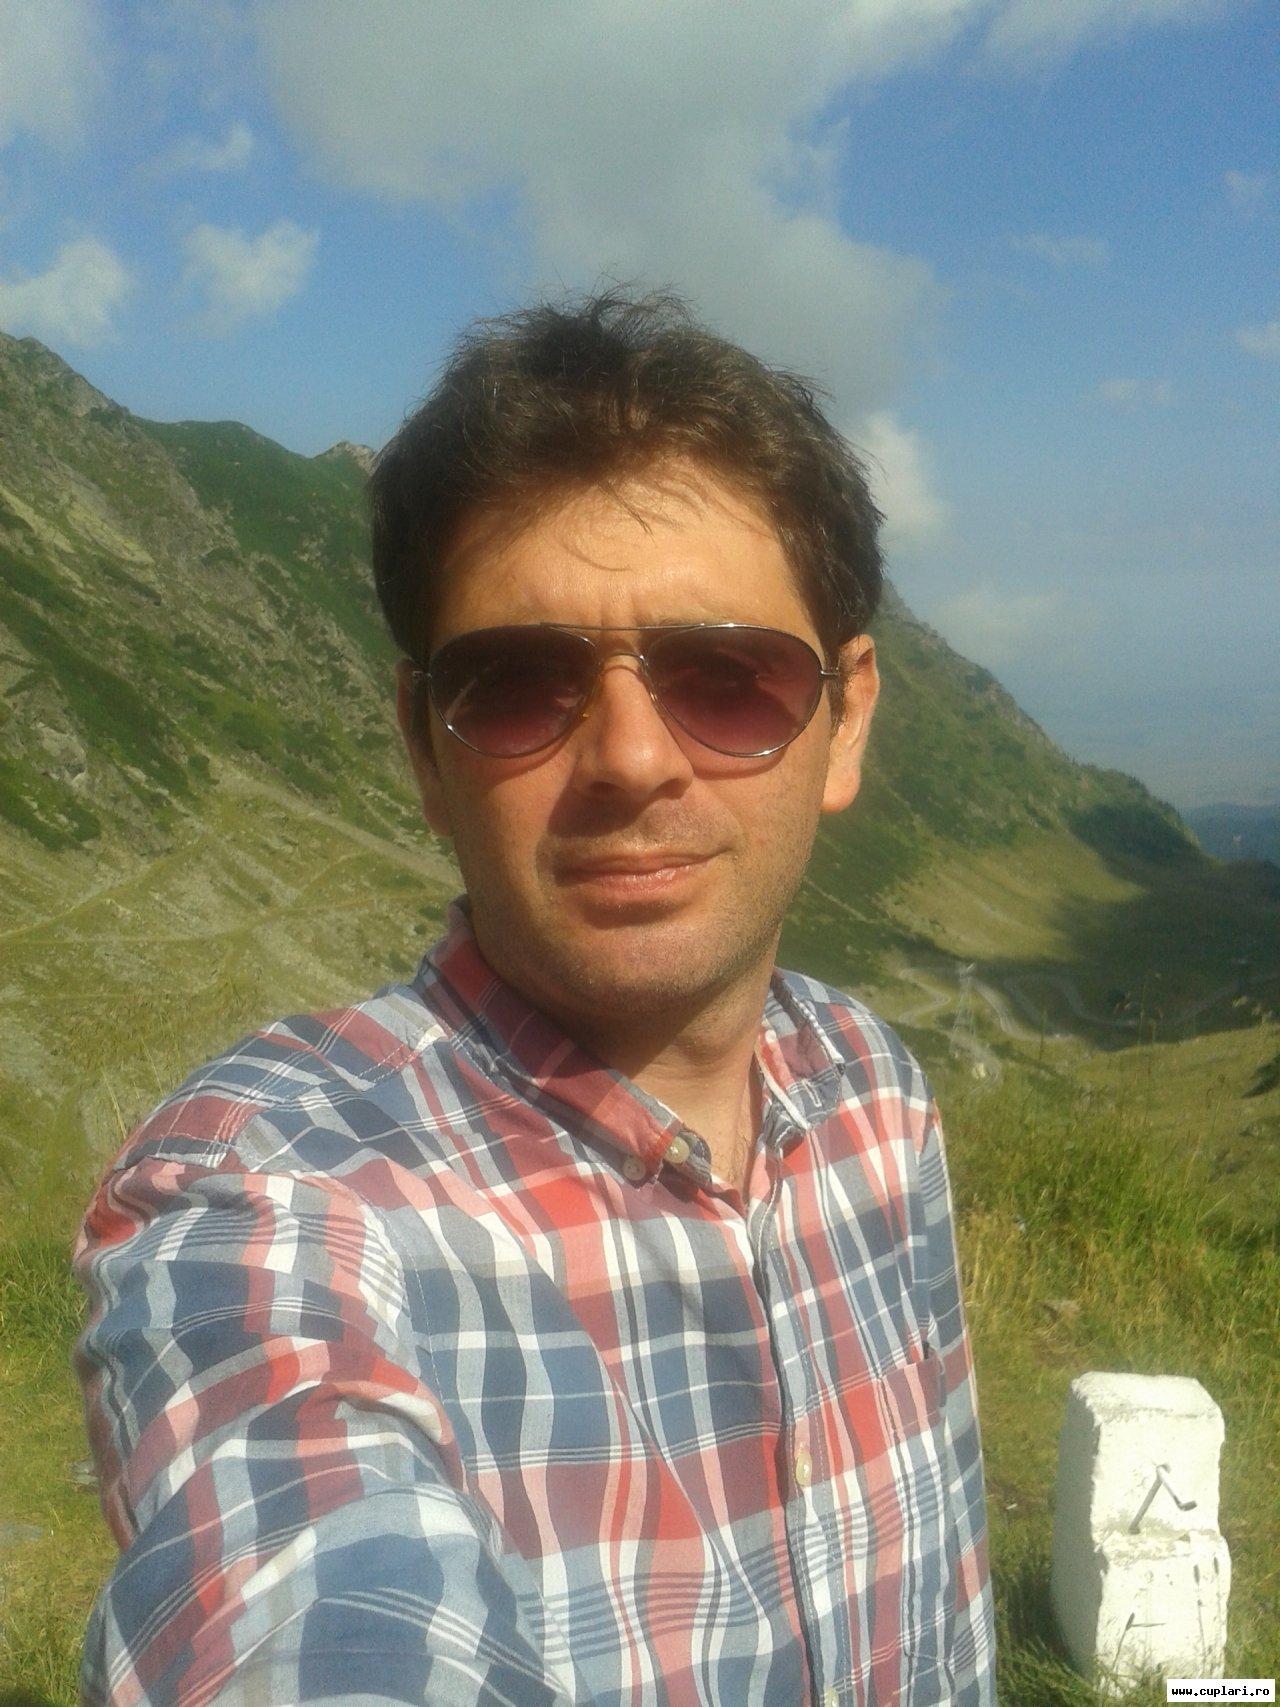 Caut frumoase bărbați din Brașov